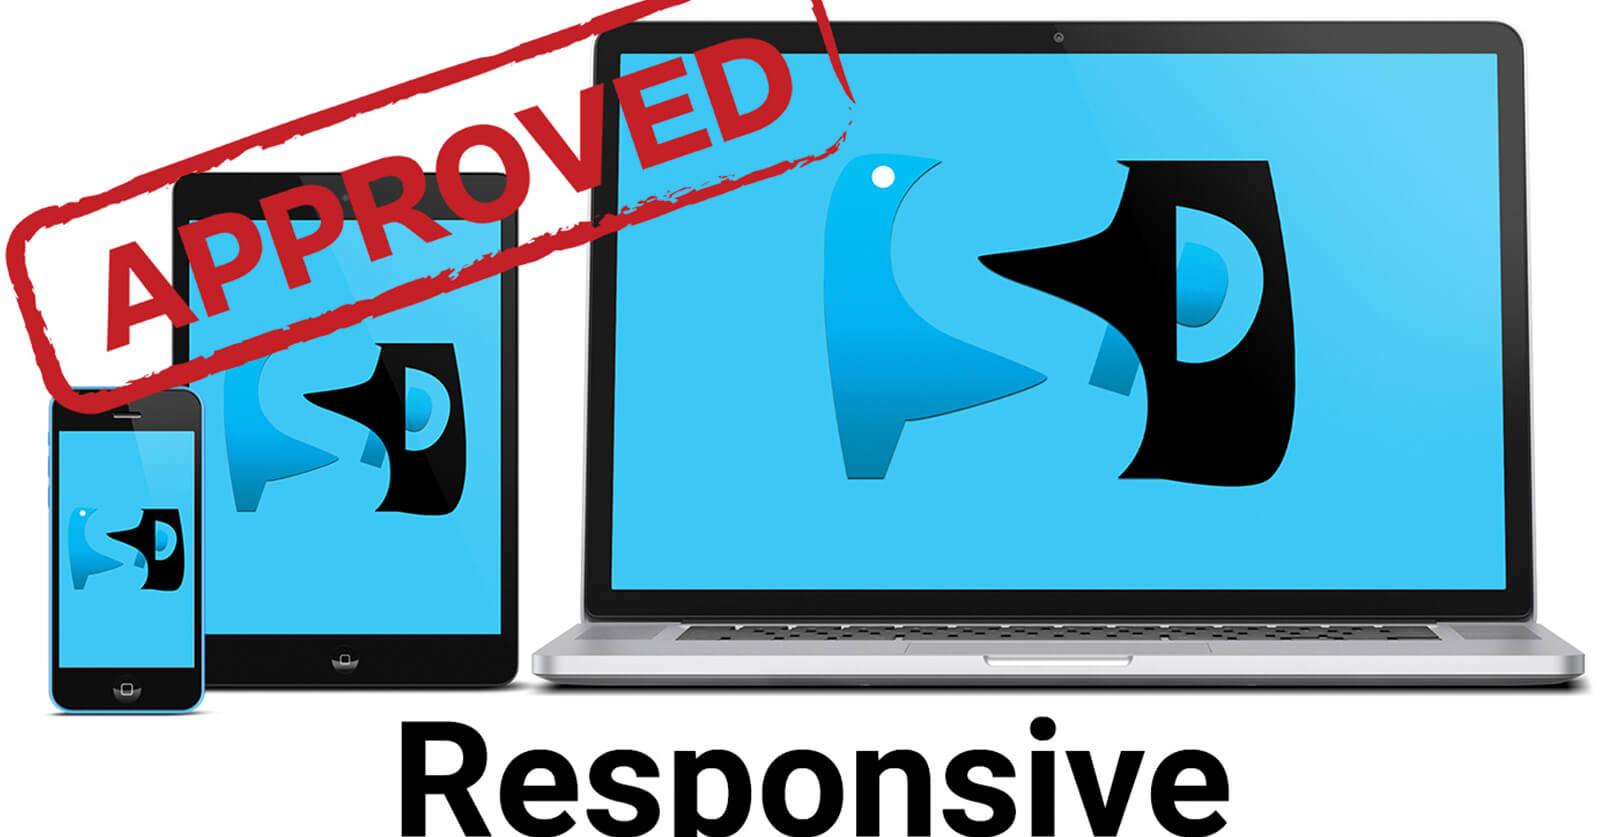 Google a inceput sa penalizeze siteurile care nu sunt responsive. Si nu ne pasa.